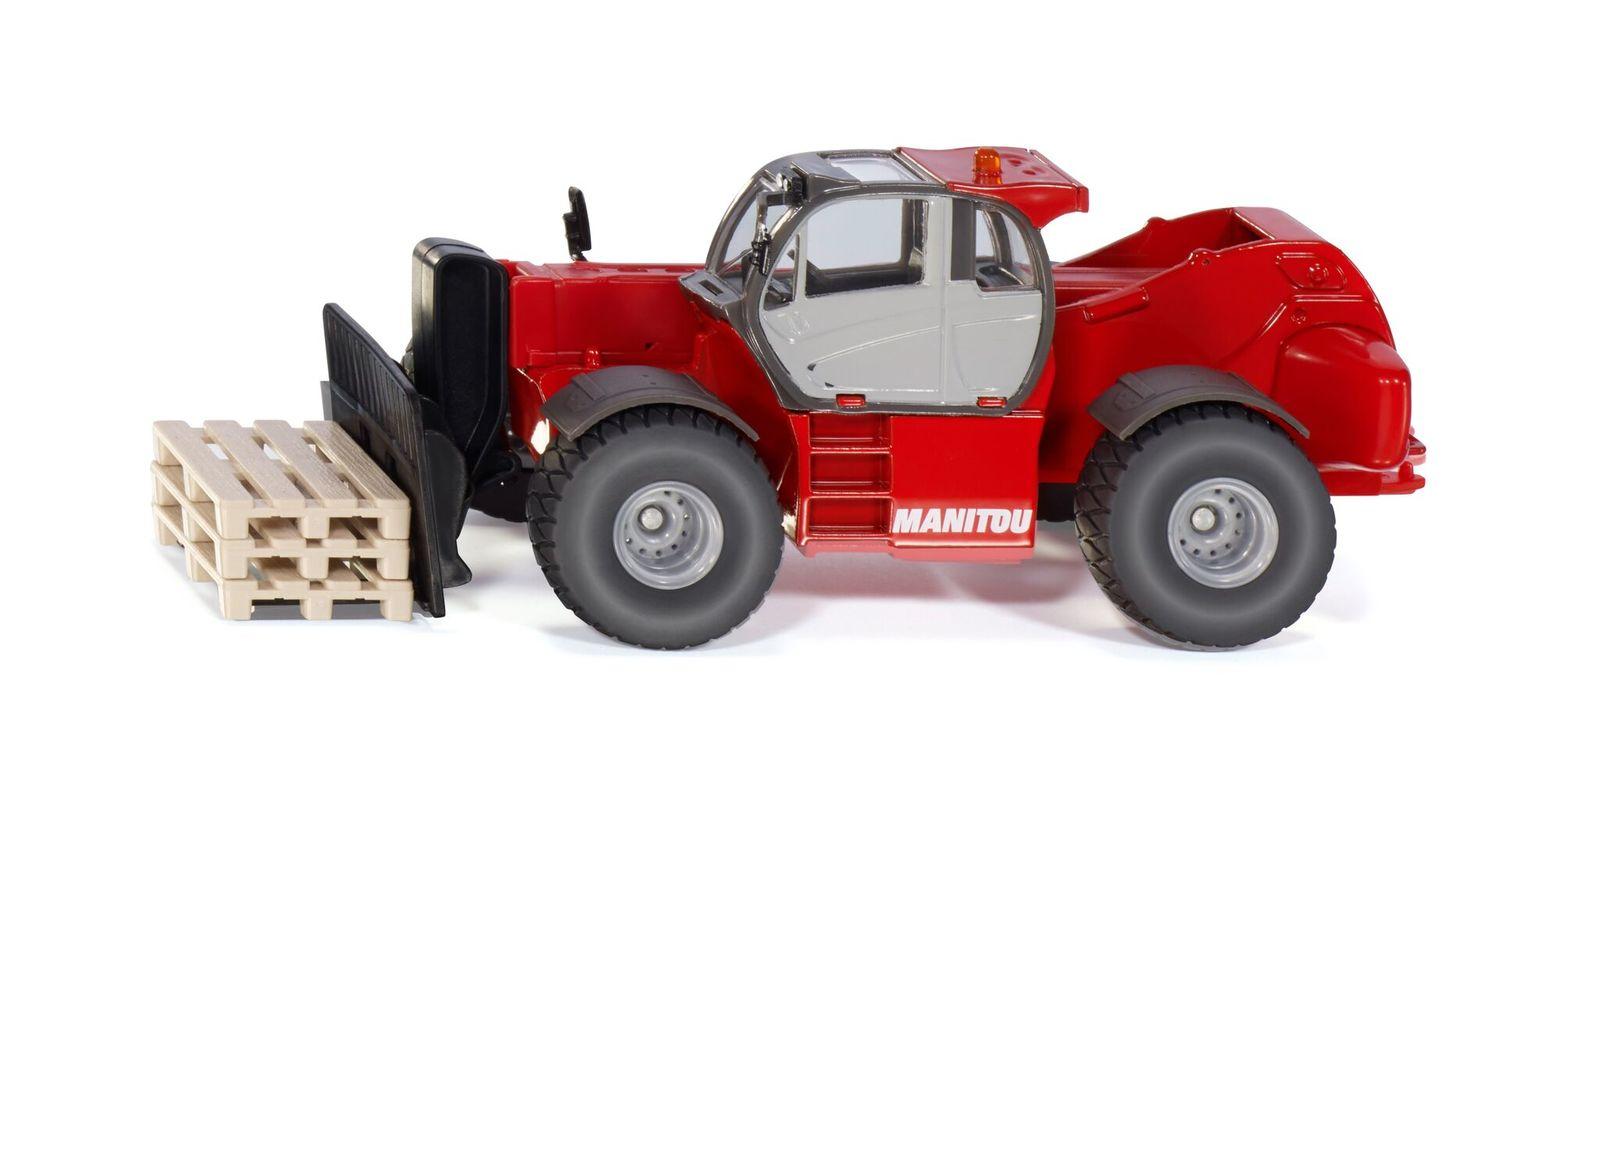 Siku: 1:50 Manitou MHT 10230 Telehandler Forklift image